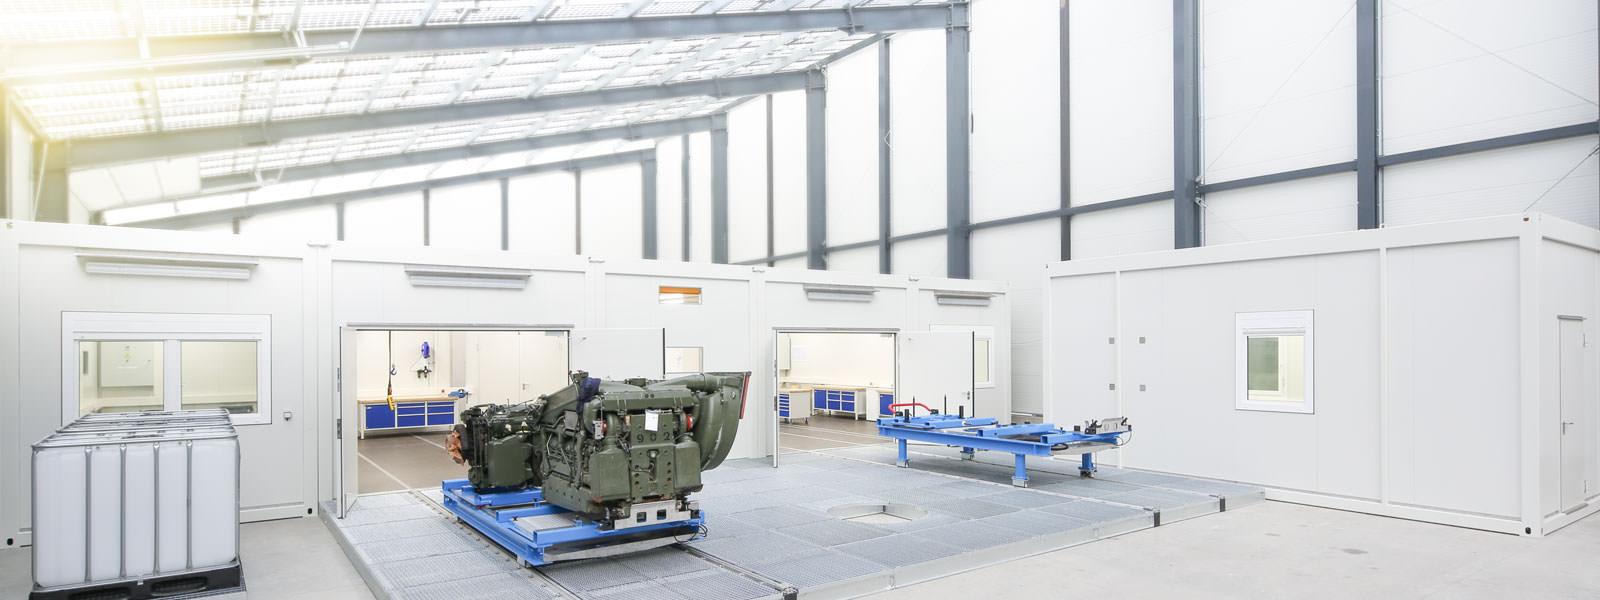 Weltweit einsetzbare Werkstattcontainer von Eberhardt